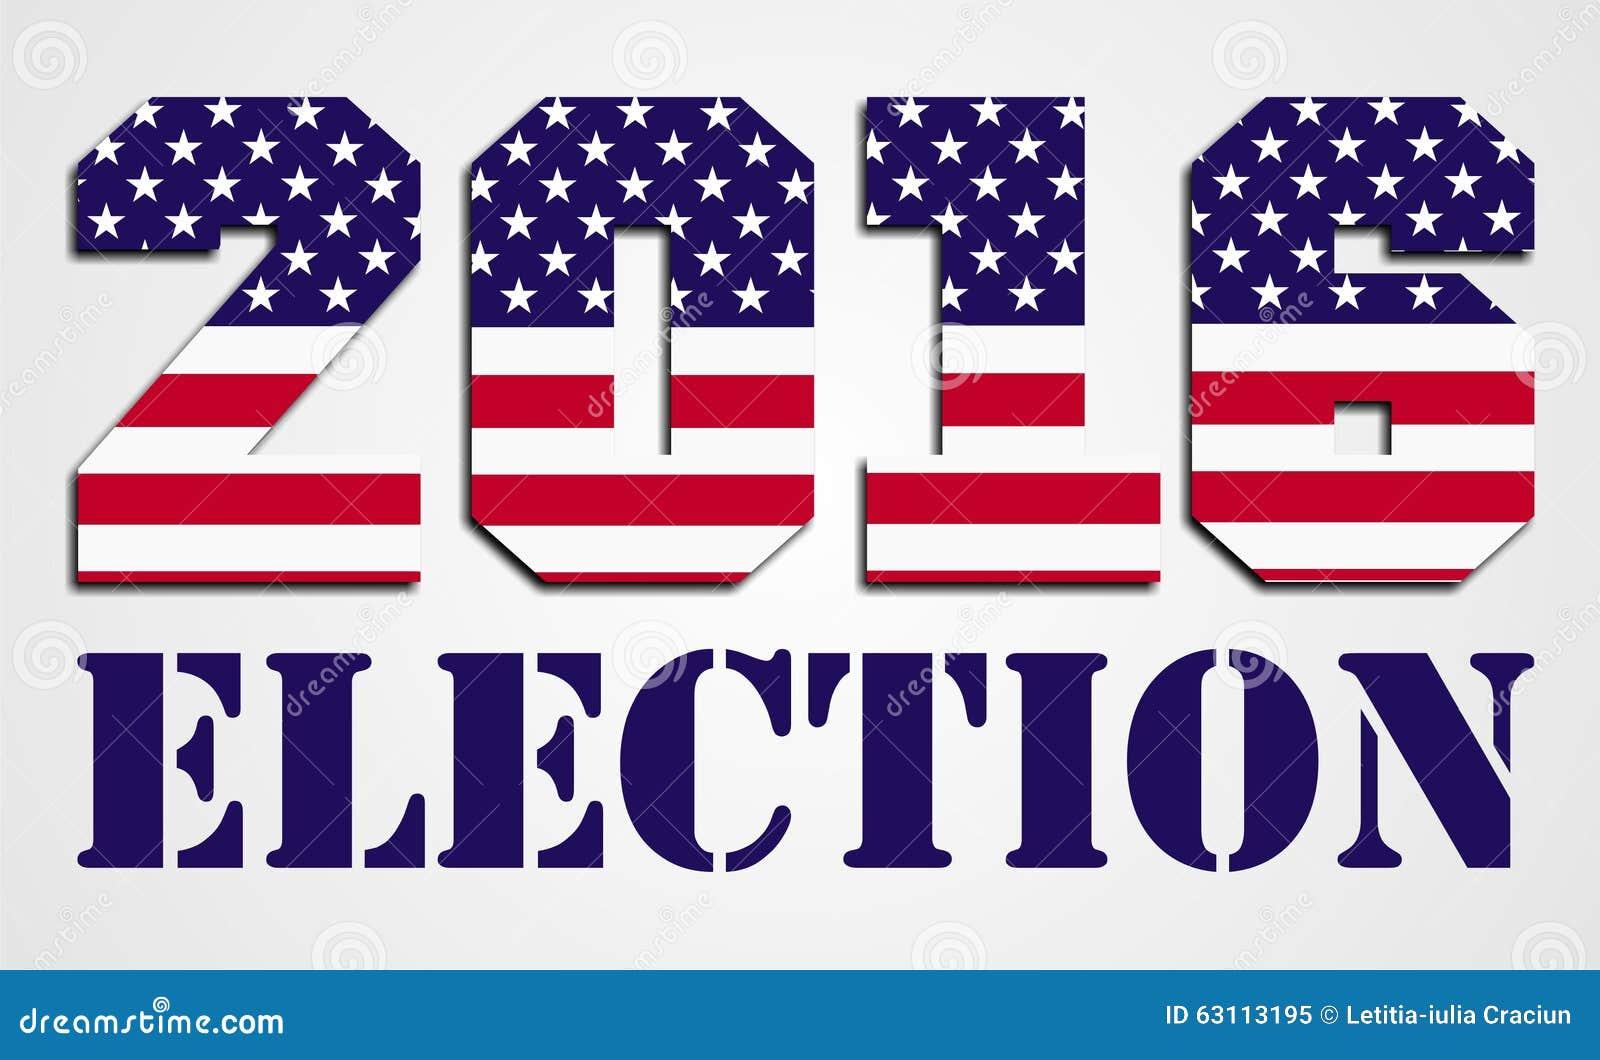 usa election 2016 stock illustration image 63113195. Black Bedroom Furniture Sets. Home Design Ideas